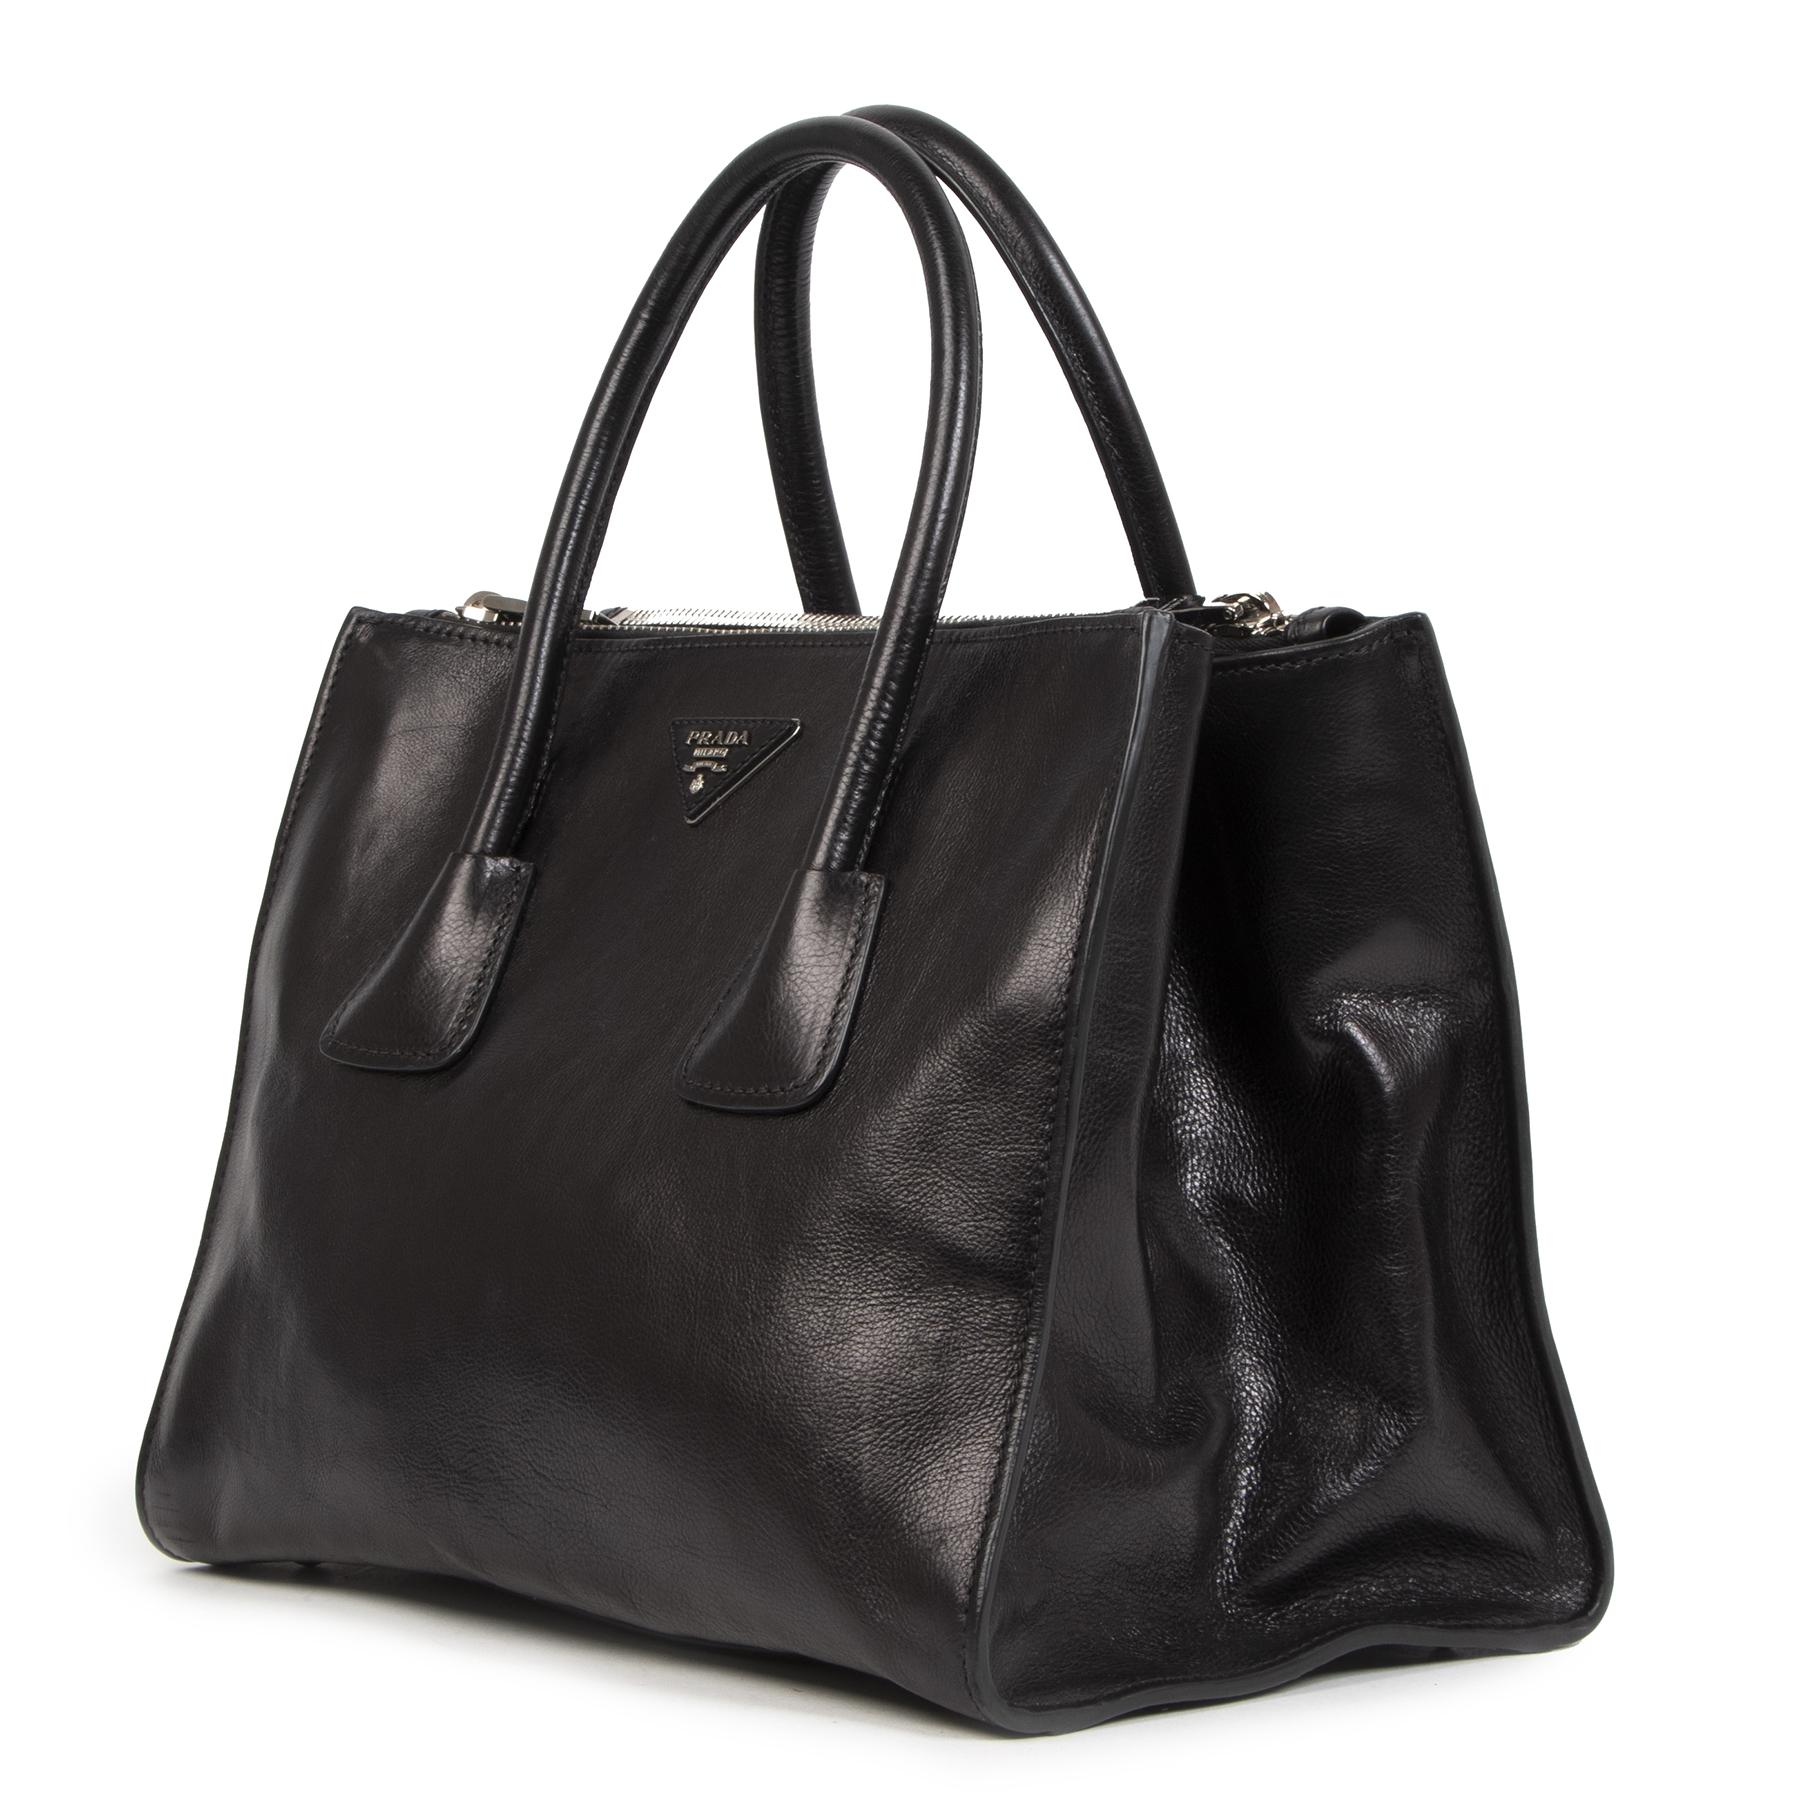 koop veilig online Prada Black Twin Pocket Tote Top Handle bag